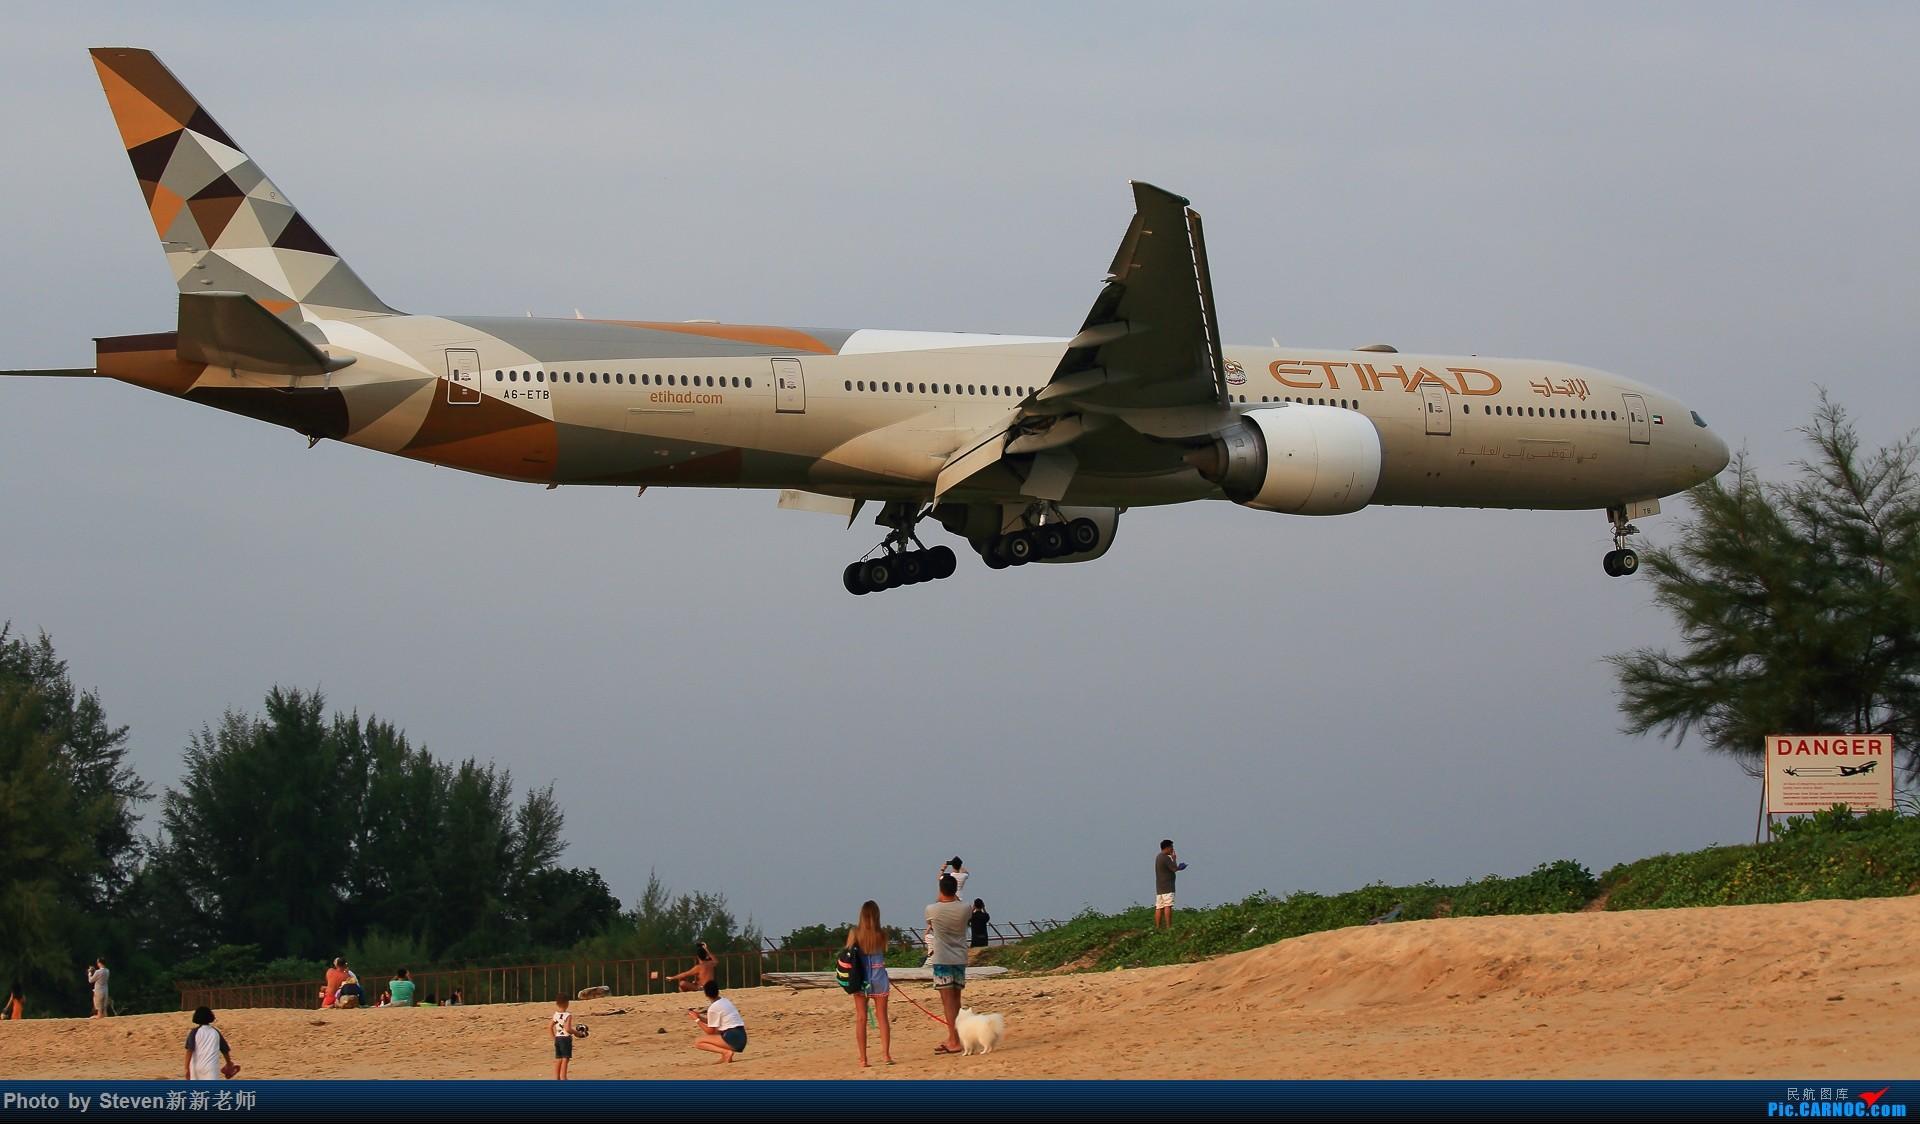 """Re:[原创]亚洲""""圣马丁岛""""—普吉国际机场拍机 BOEING 767-300ER A6-ETB 泰国普吉机场"""